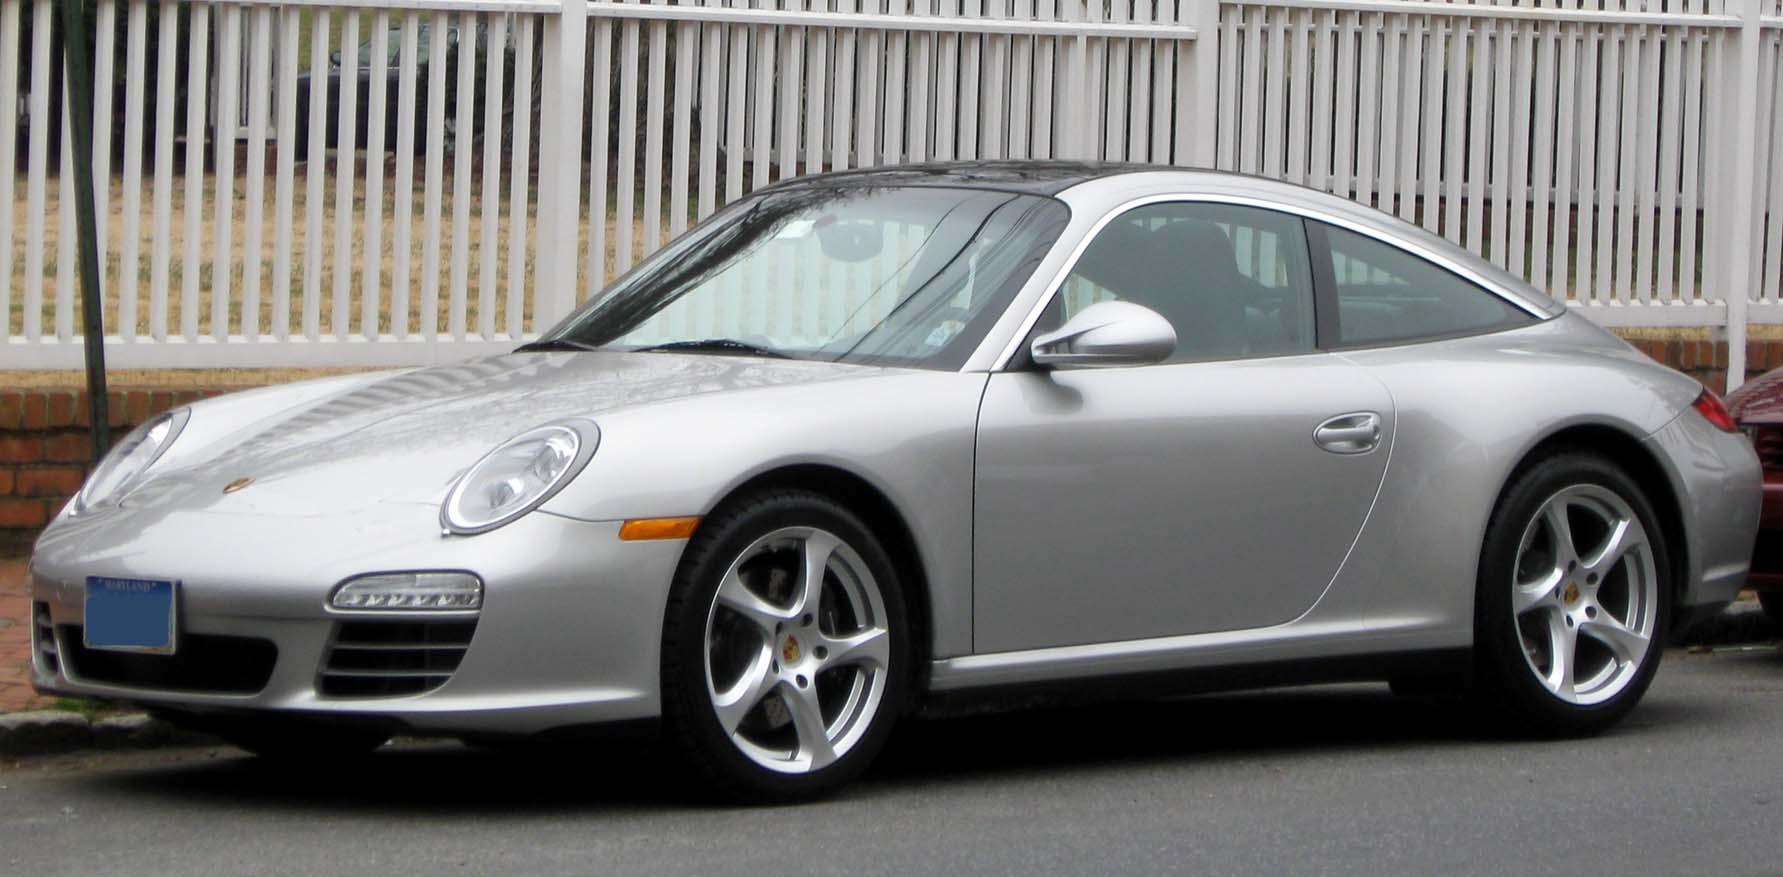 Interieur porsche 911 targa cars for Interieur porsche